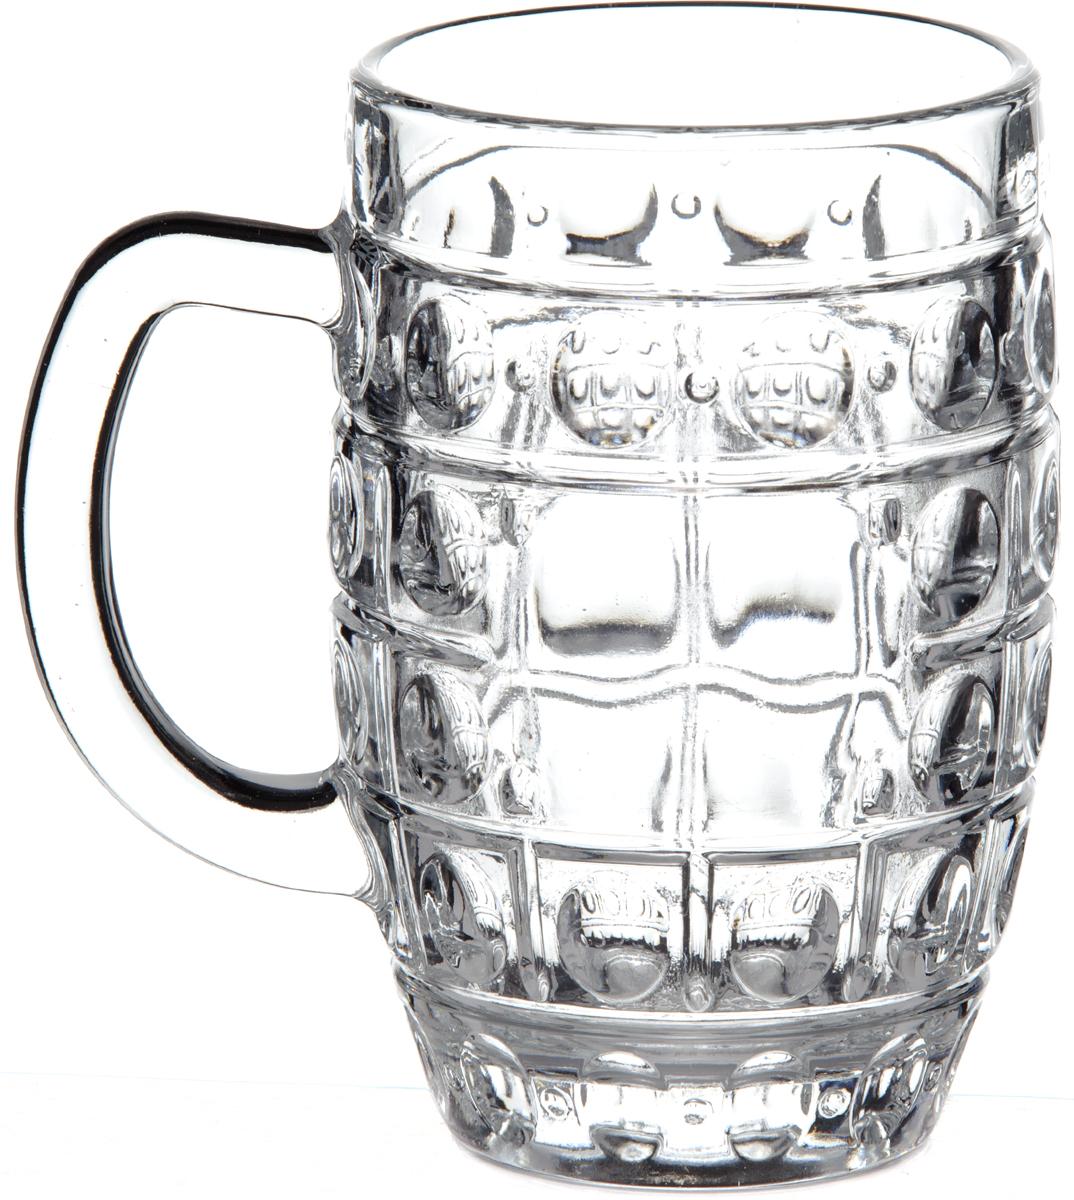 """Пивная кружка Pasabahce """"Паб"""" идеально подходит для сервировки стола. Кружка не только украсит ваш кухонный стол, но и подчеркнет прекрасный вкус."""